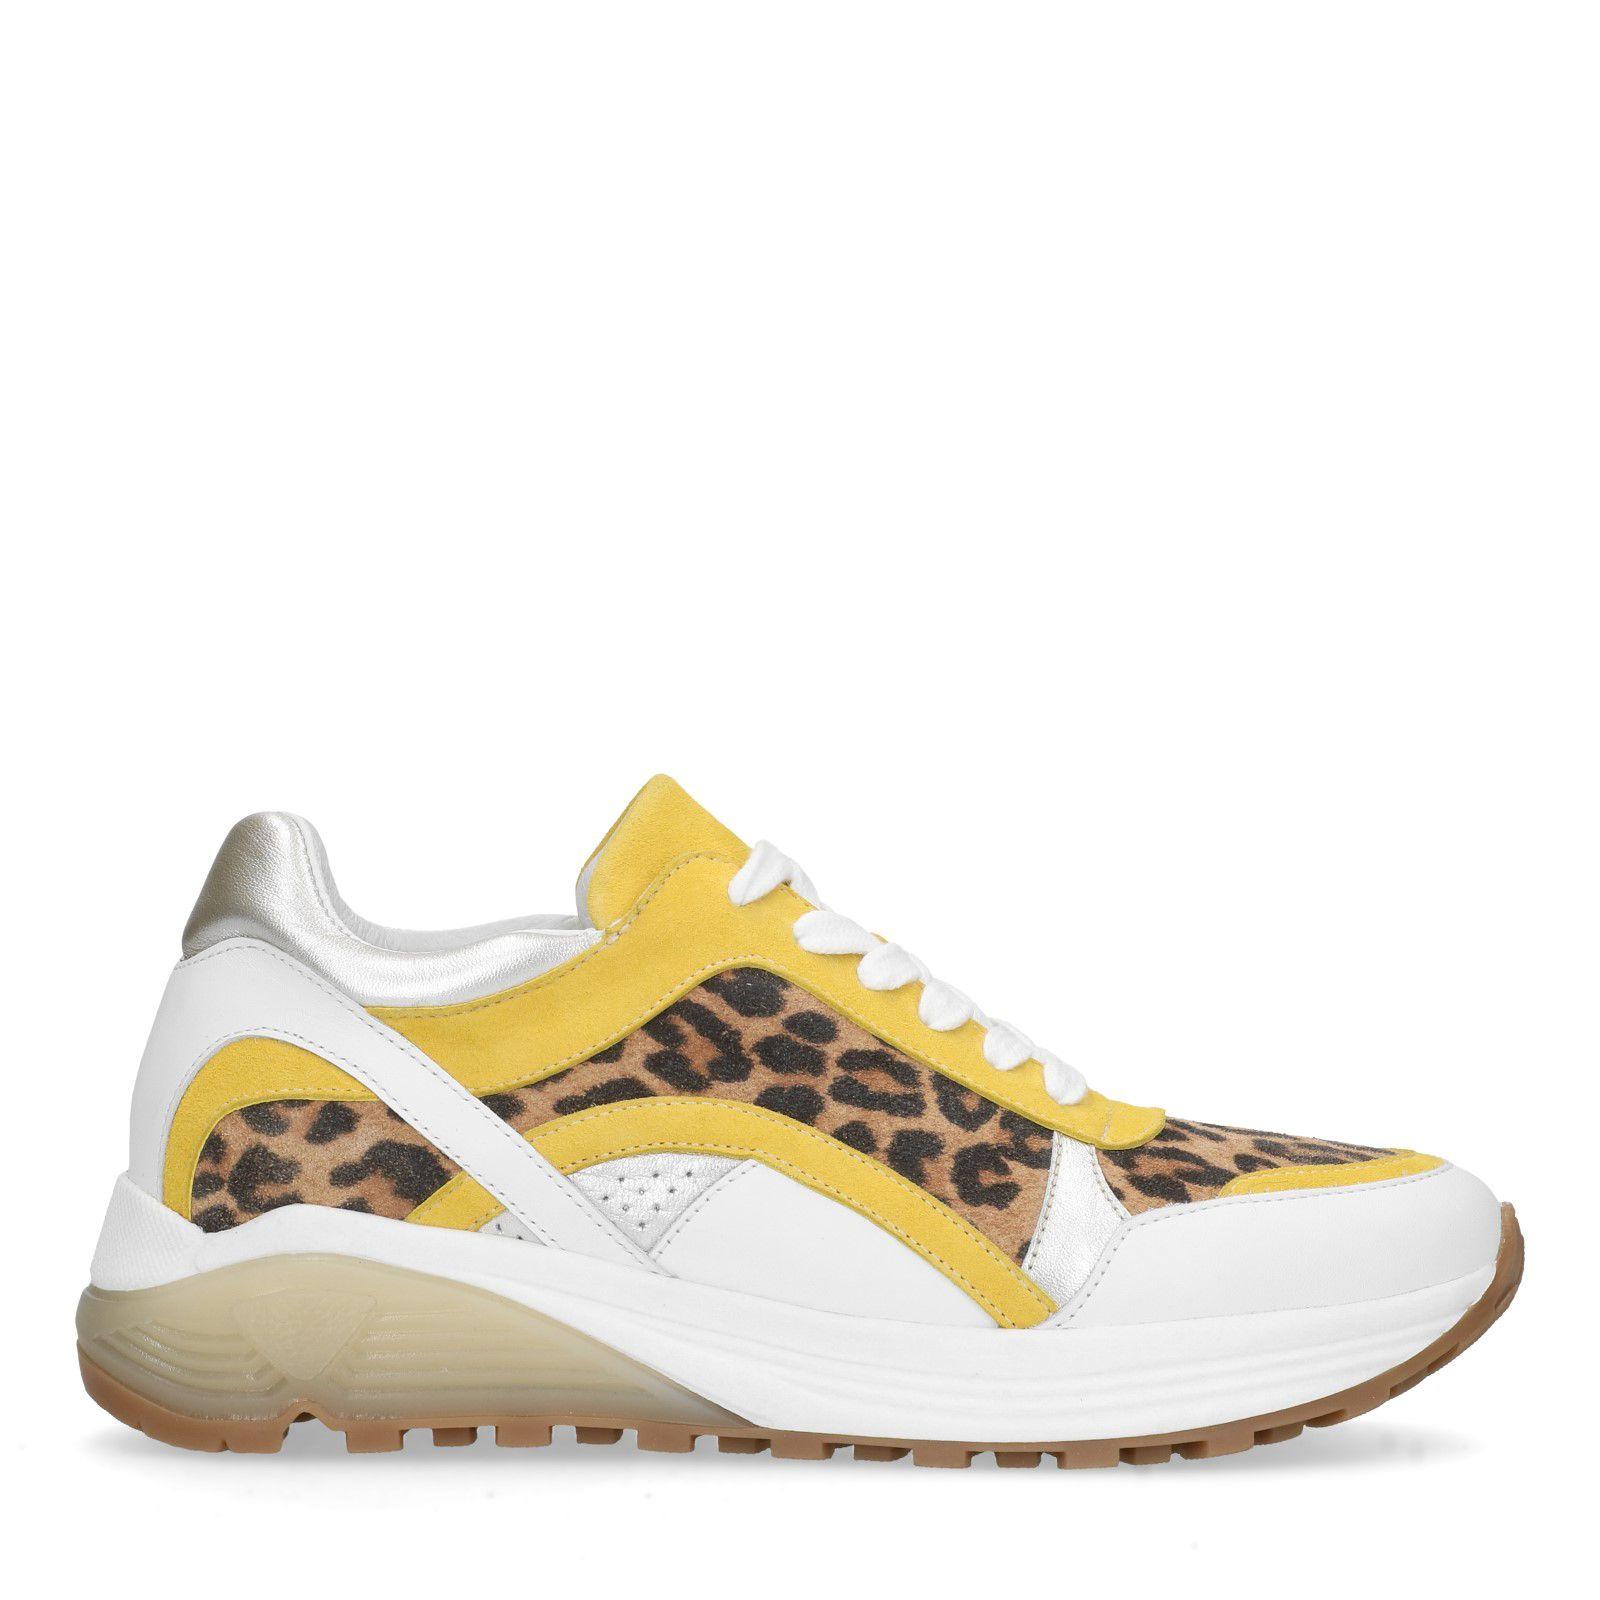 Weiße Sneaker mit Leo Print und gelbem Akzent